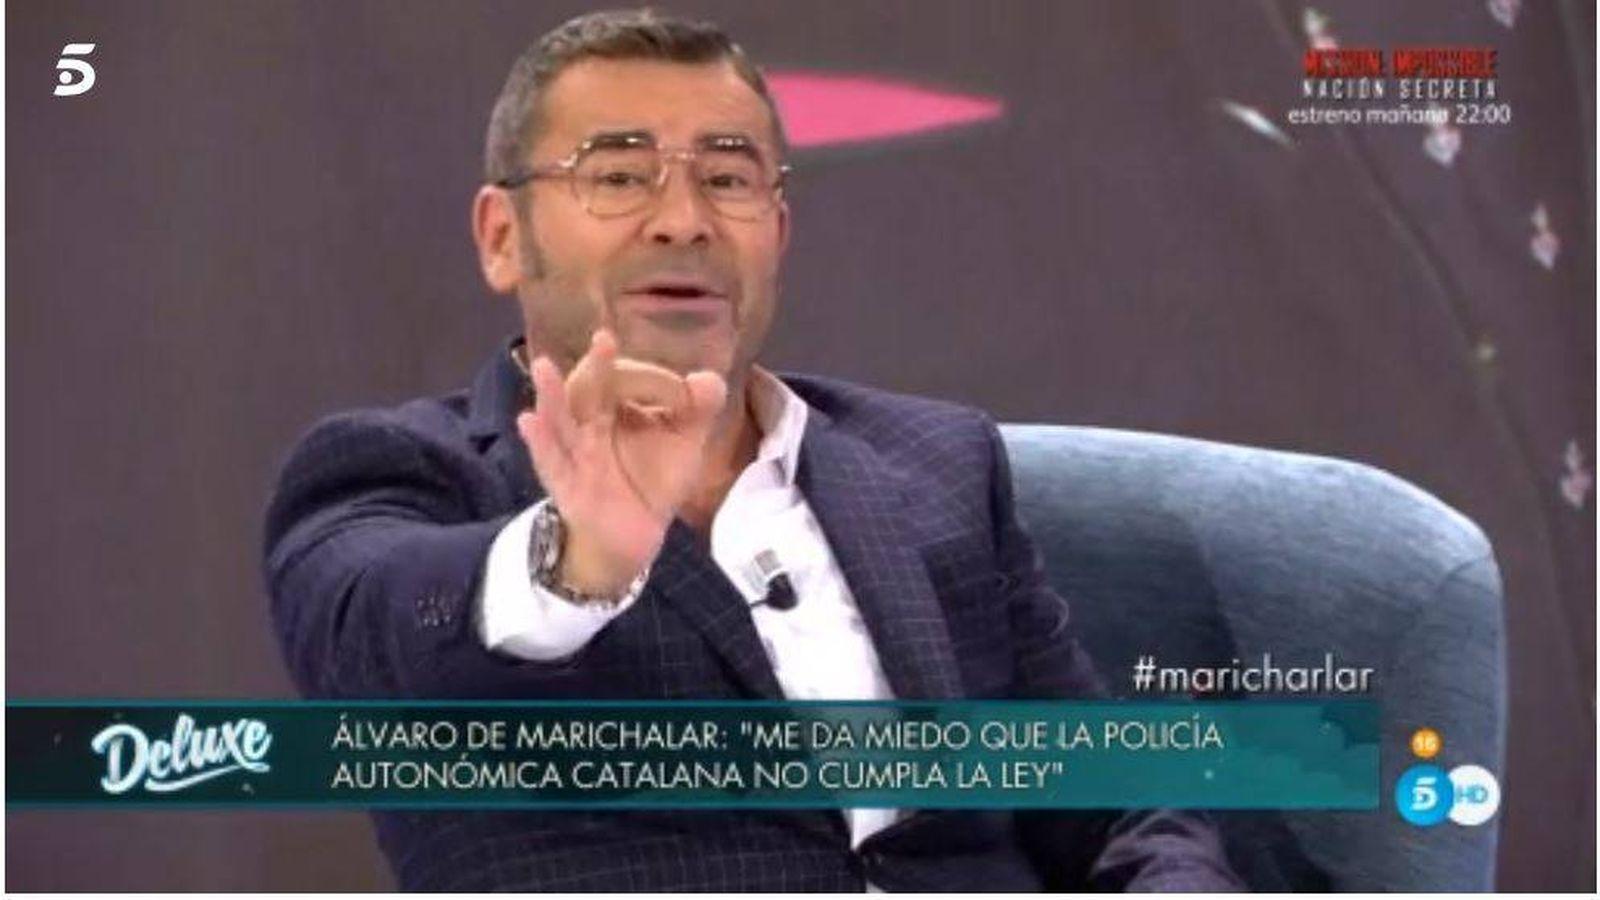 Foto: Jorge Javier expulsa a Ávaro de Marichalar del 'Deluxe'